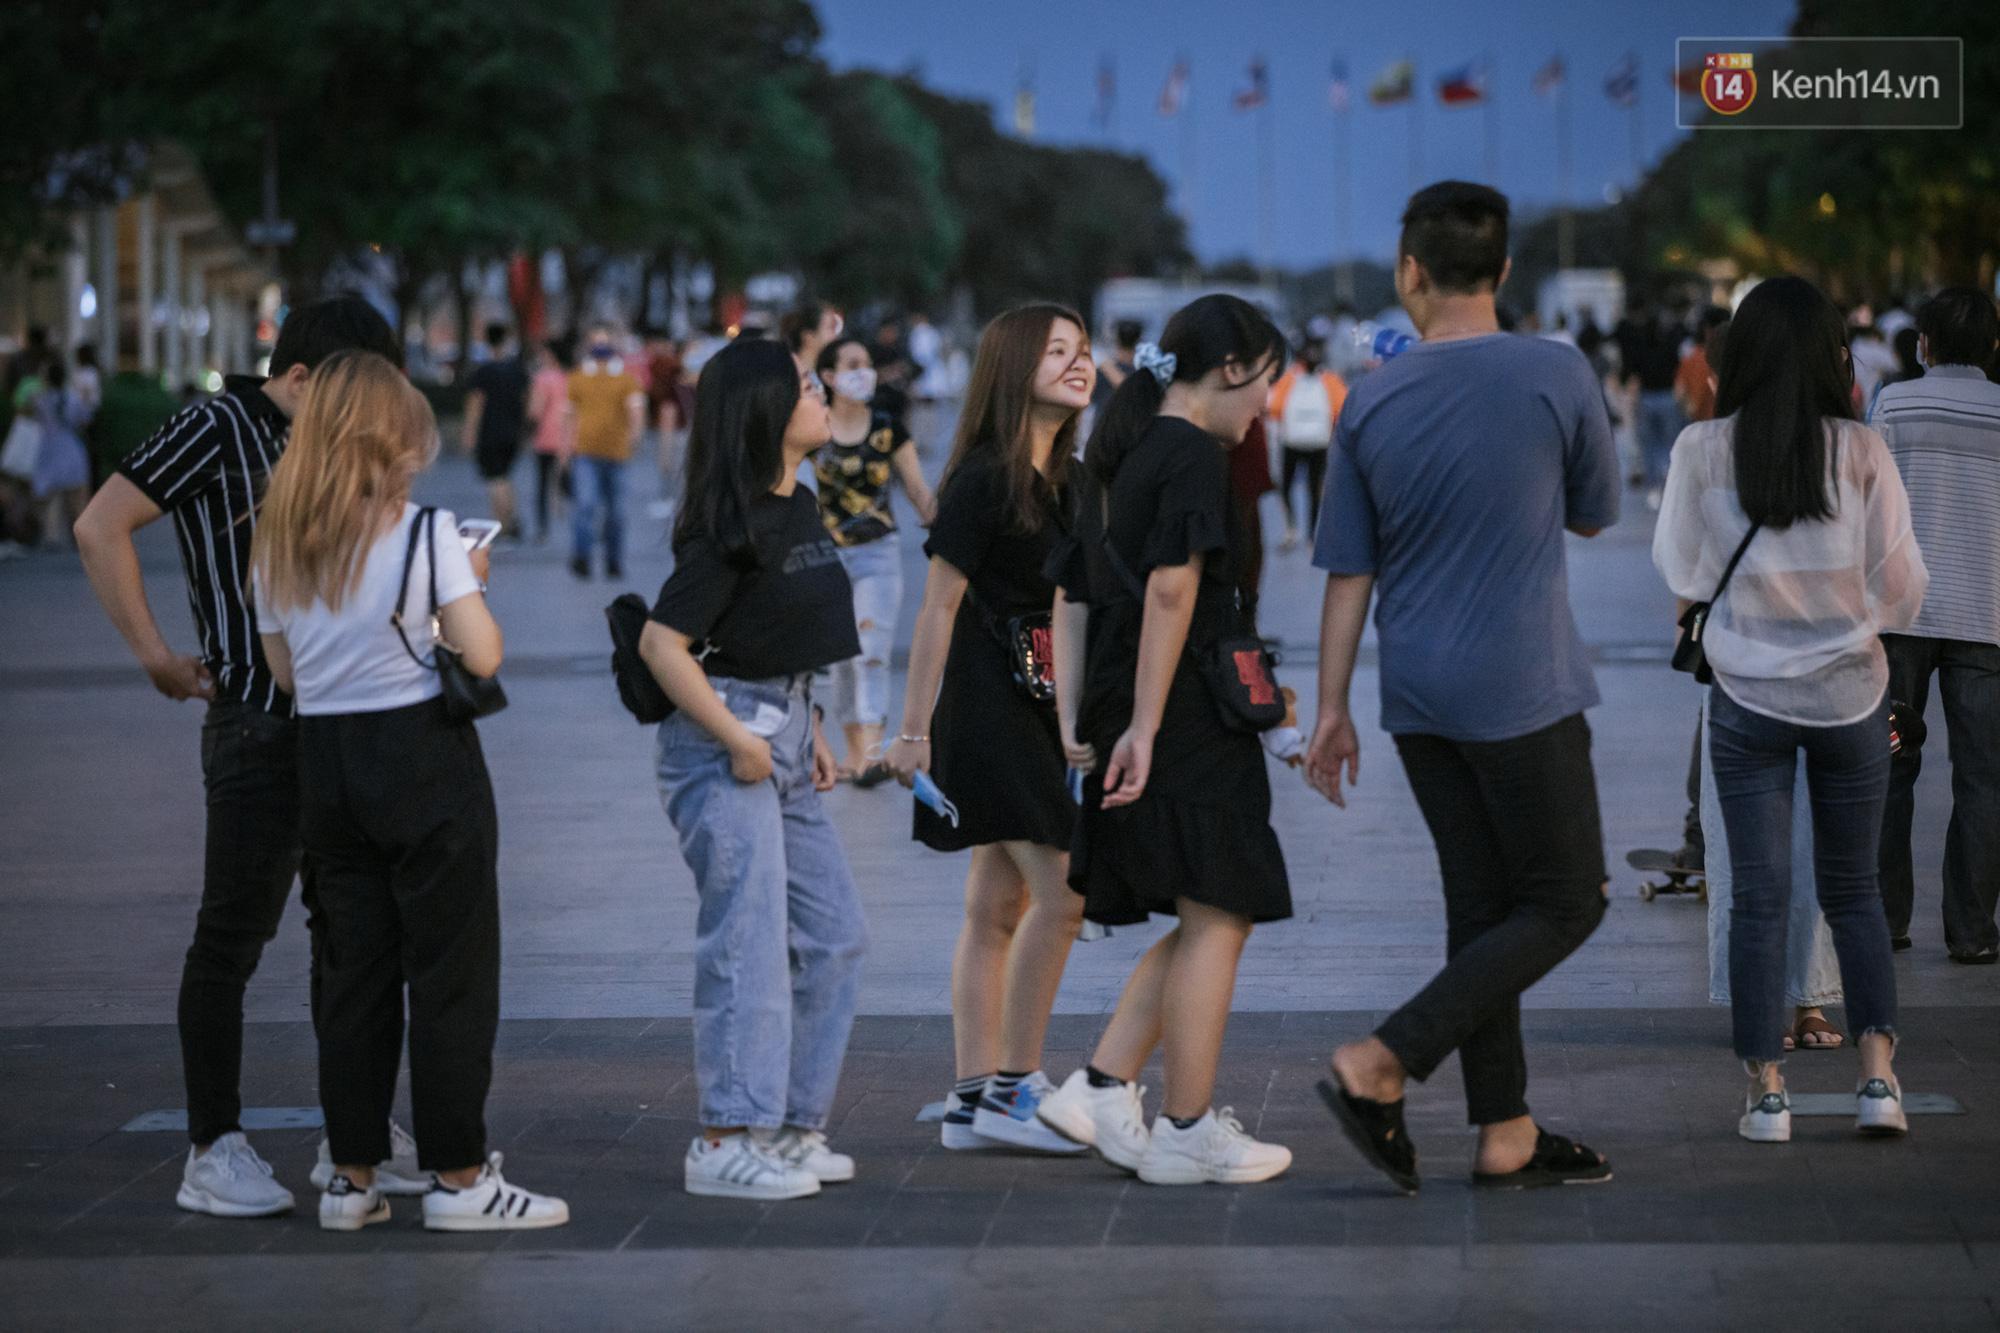 Sài Gòn nhộn nhịp trong buổi tối nghỉ lễ đầu tiên: Khu vực trung tâm dần trở nên đông đúc, nhiều người lo sợ vẫn 'kè kè' chiếc khẩu trang bên mình Ảnh 2